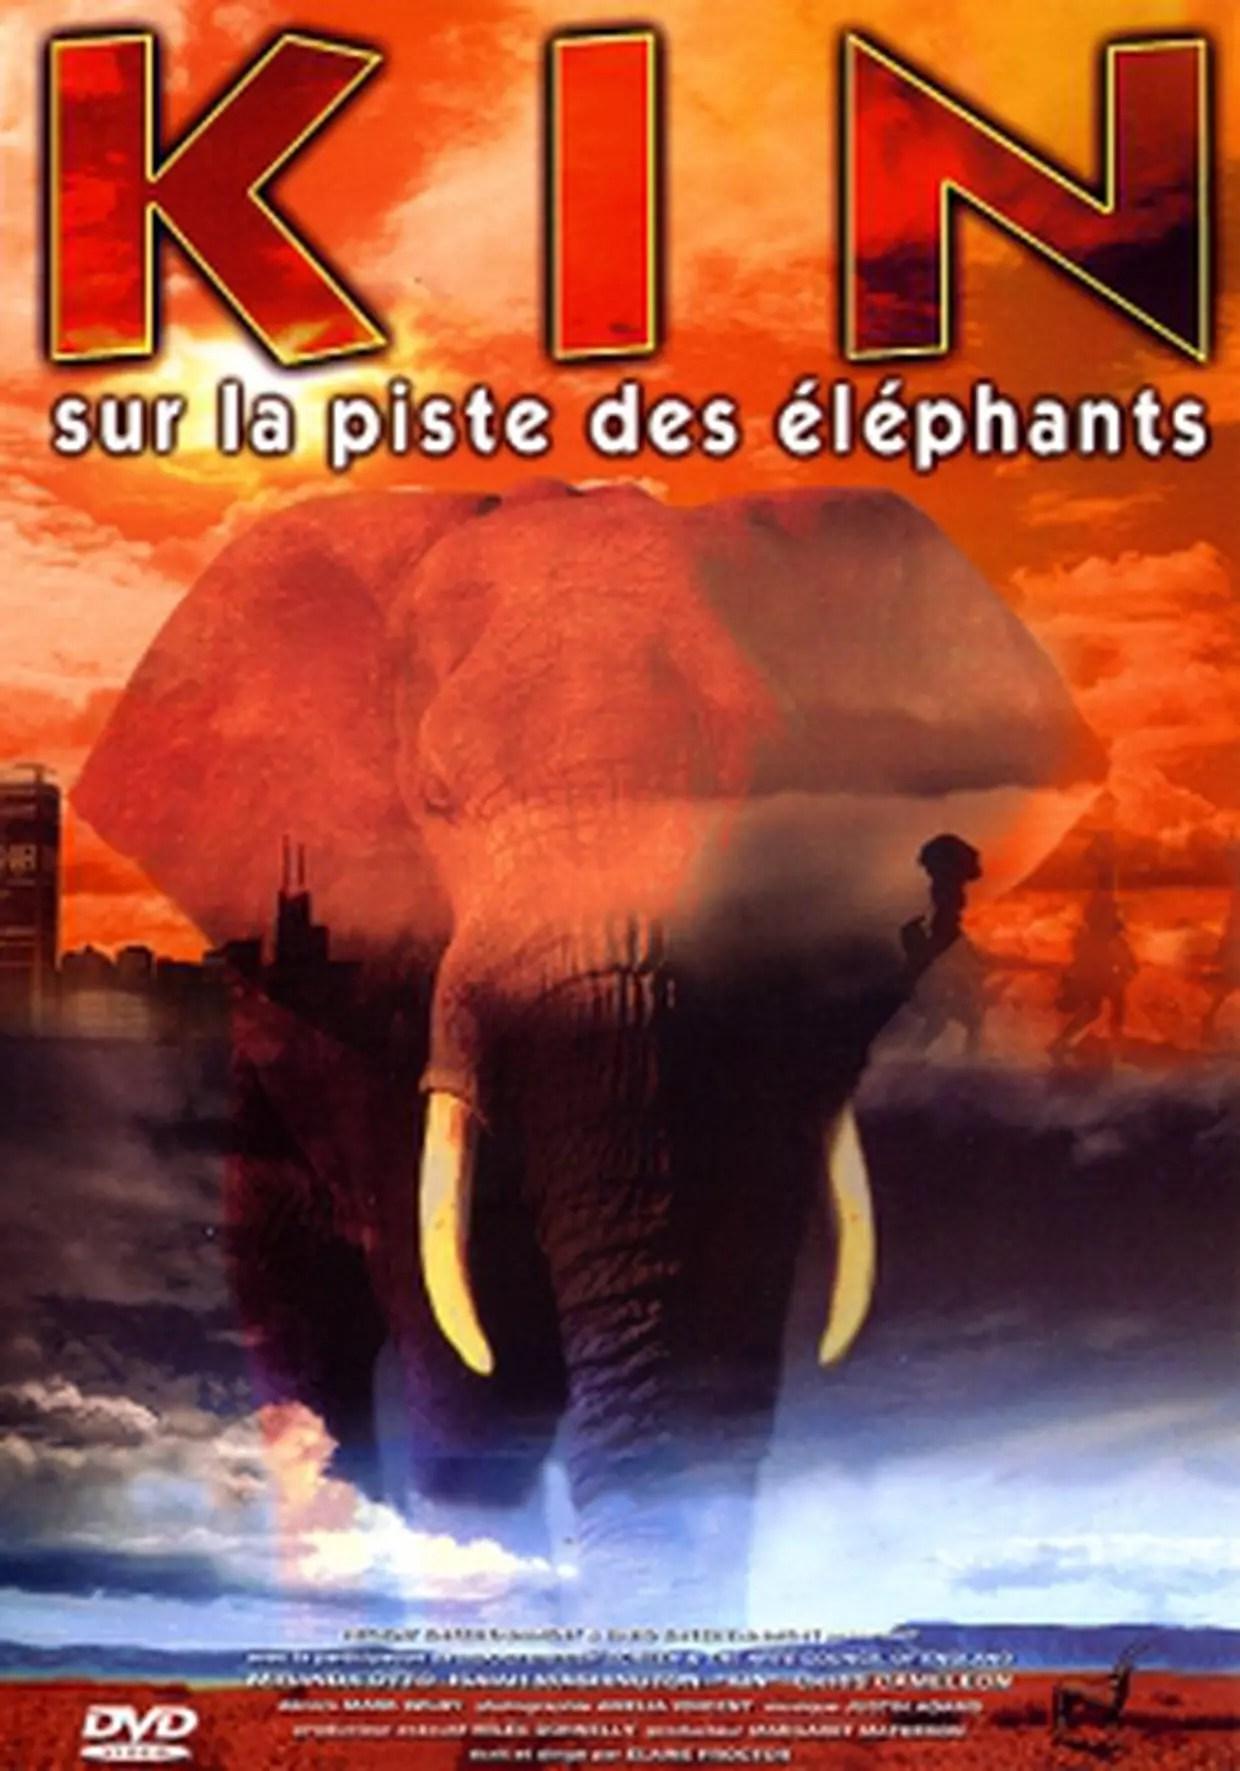 Kin 2 Date De Sortie : sortie, Piste, éléphants, Bande, Annonce, Film,, Séances,, Streaming,, Sortie,